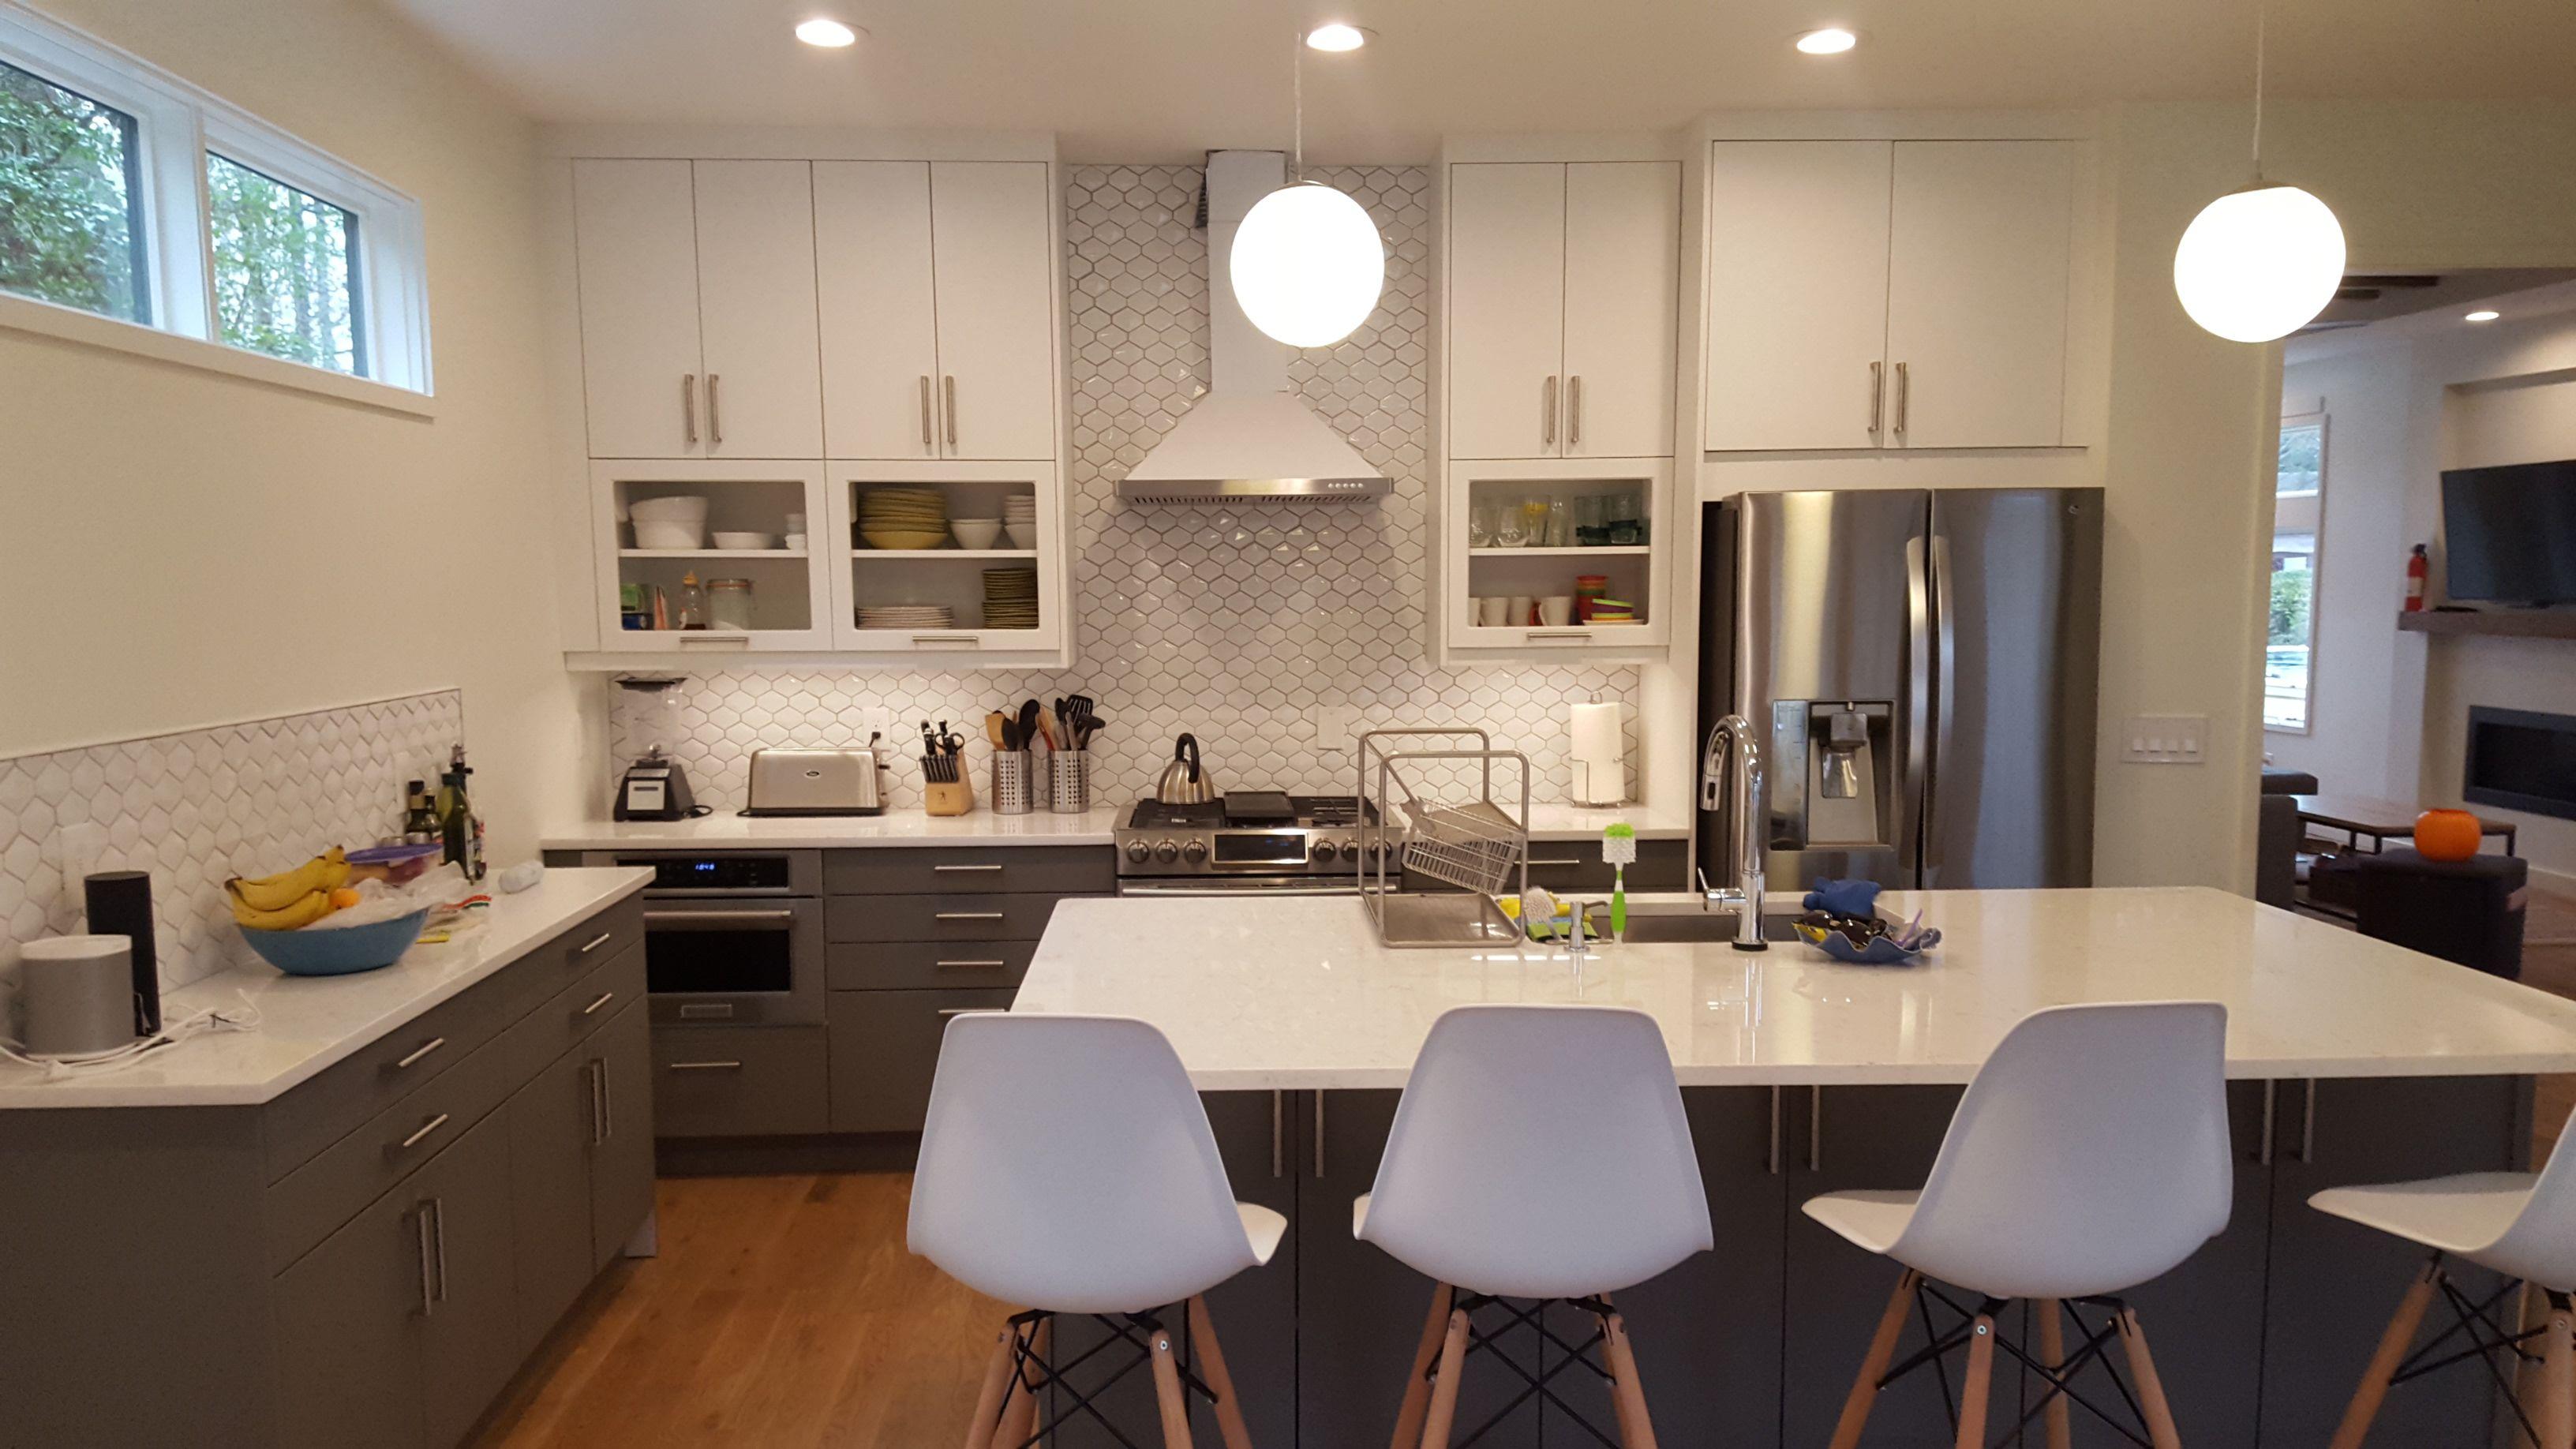 Bonito Cocina Presupuesto Remodelar Atlanta Friso - Ideas de Cocina ...